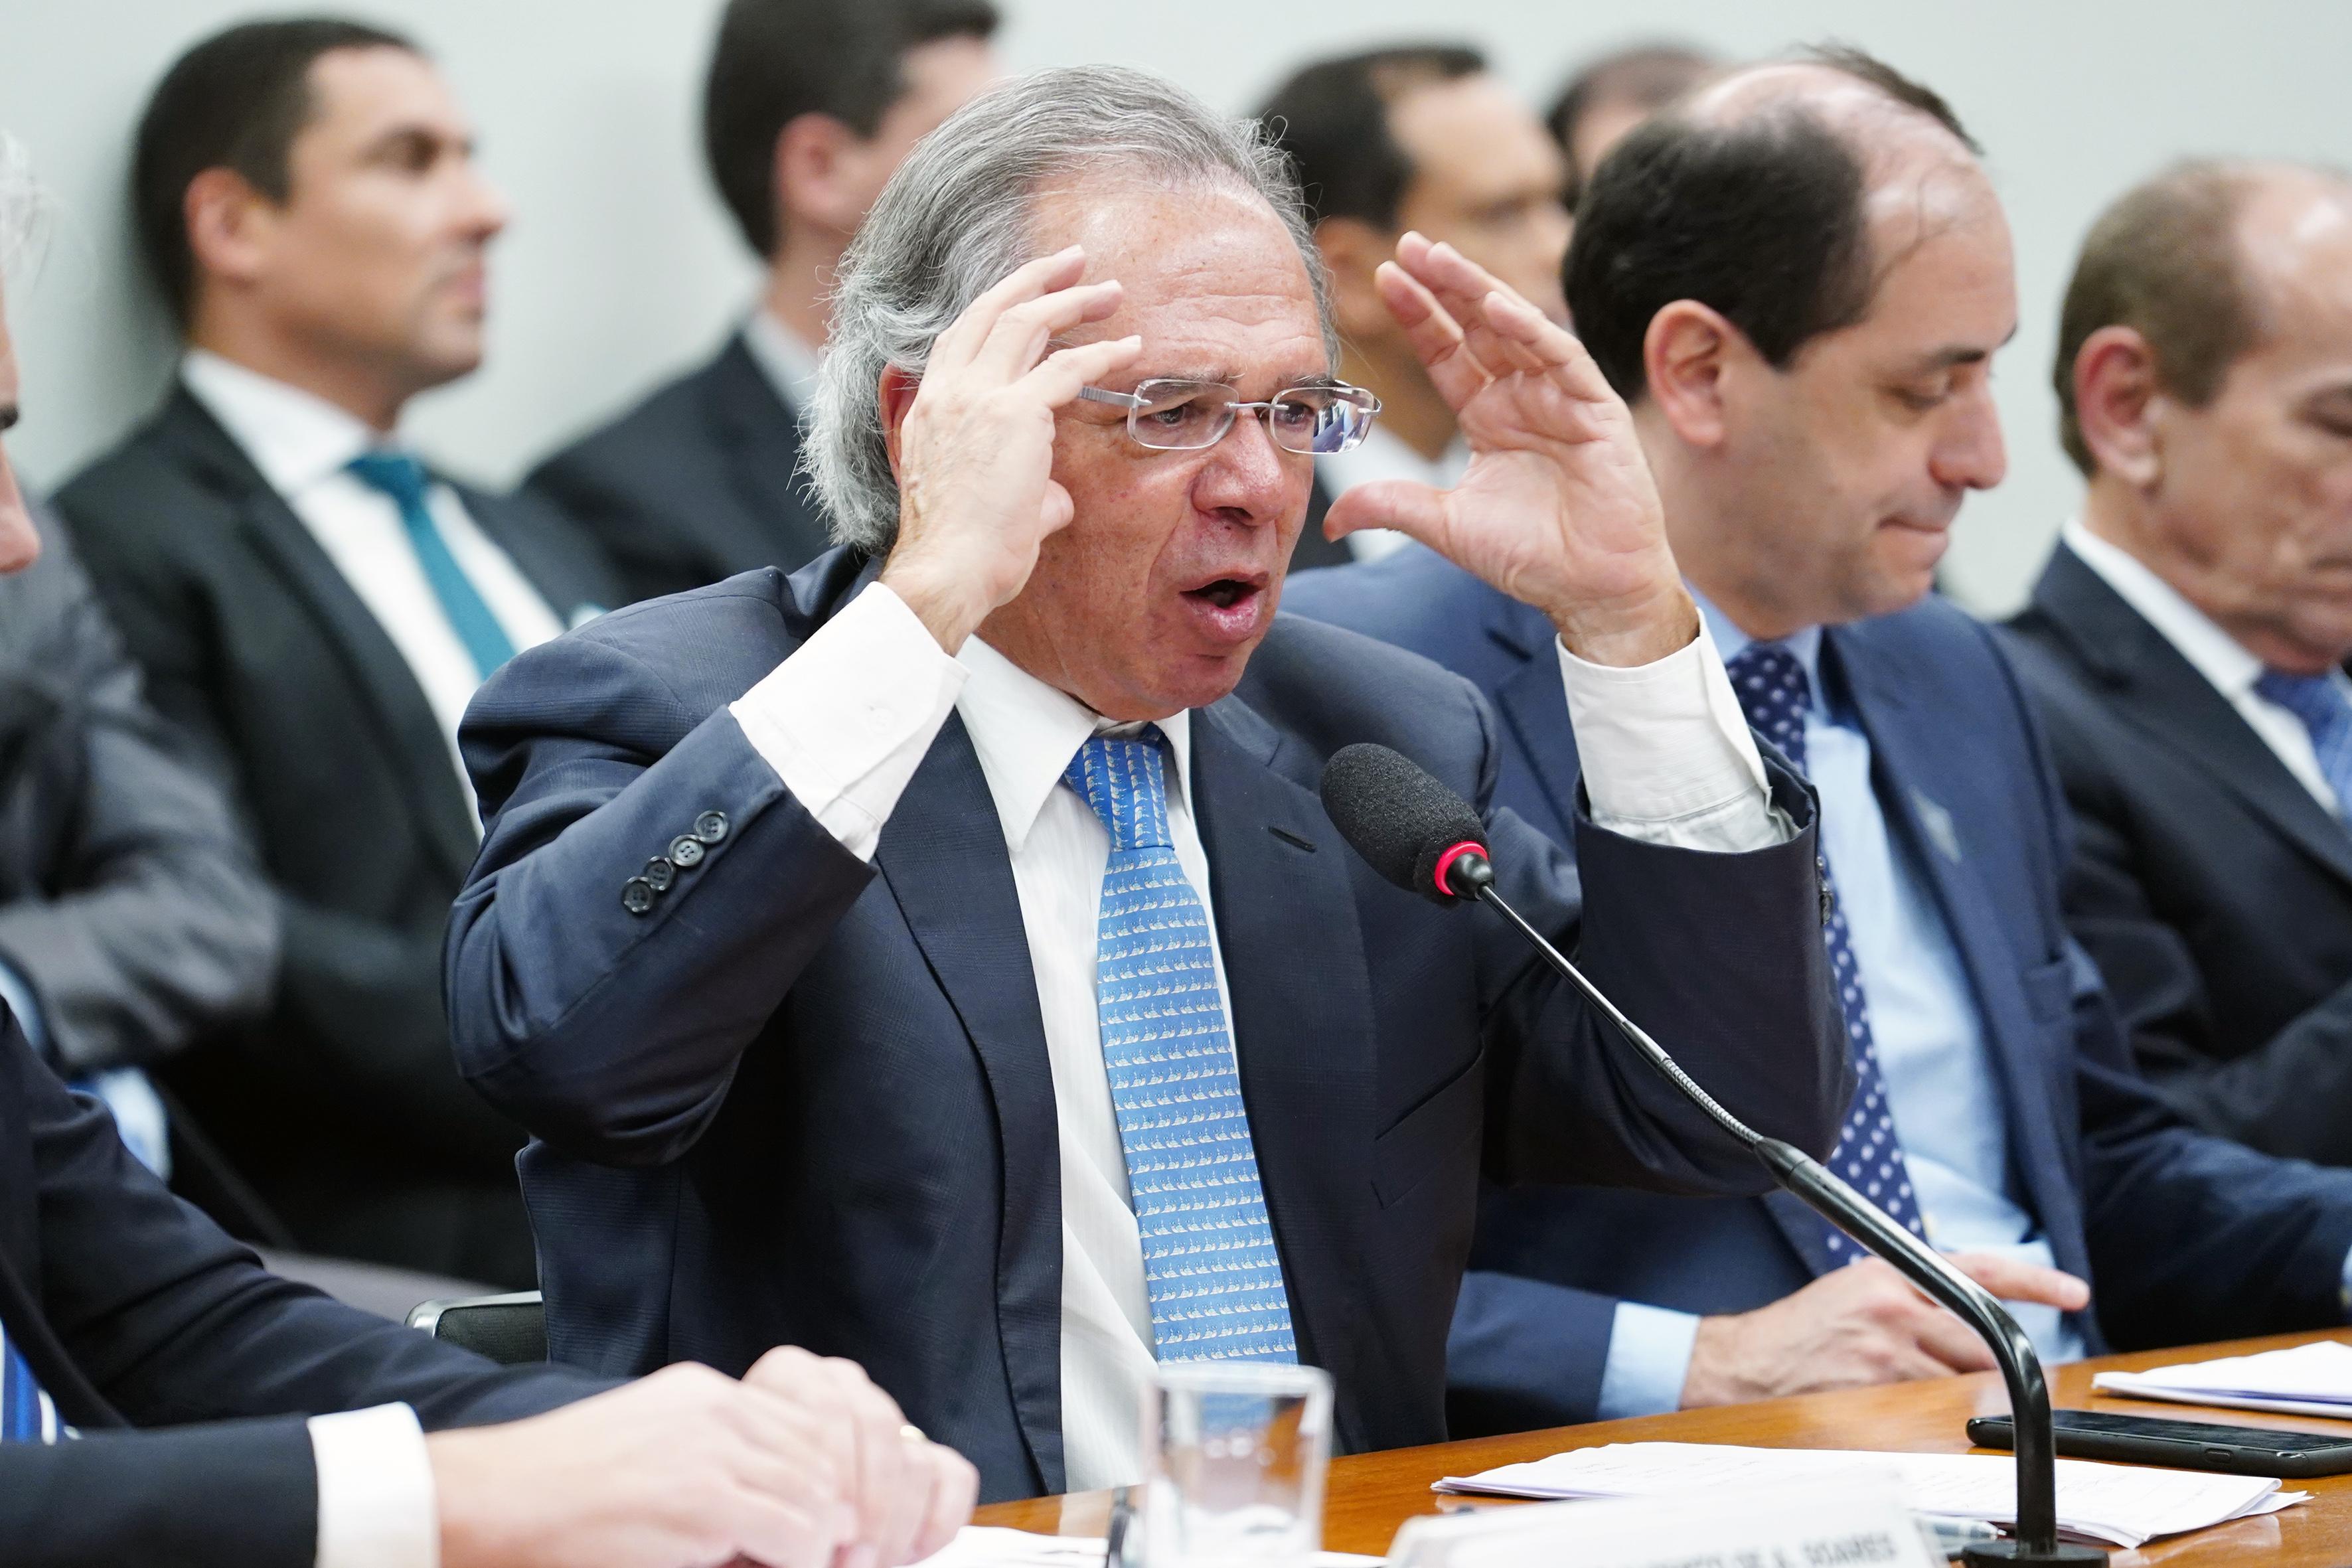 Audiência Pública sobre o PL 5/19-CN. Ministro da Economia, Paulo Roberto Nunes Guedes